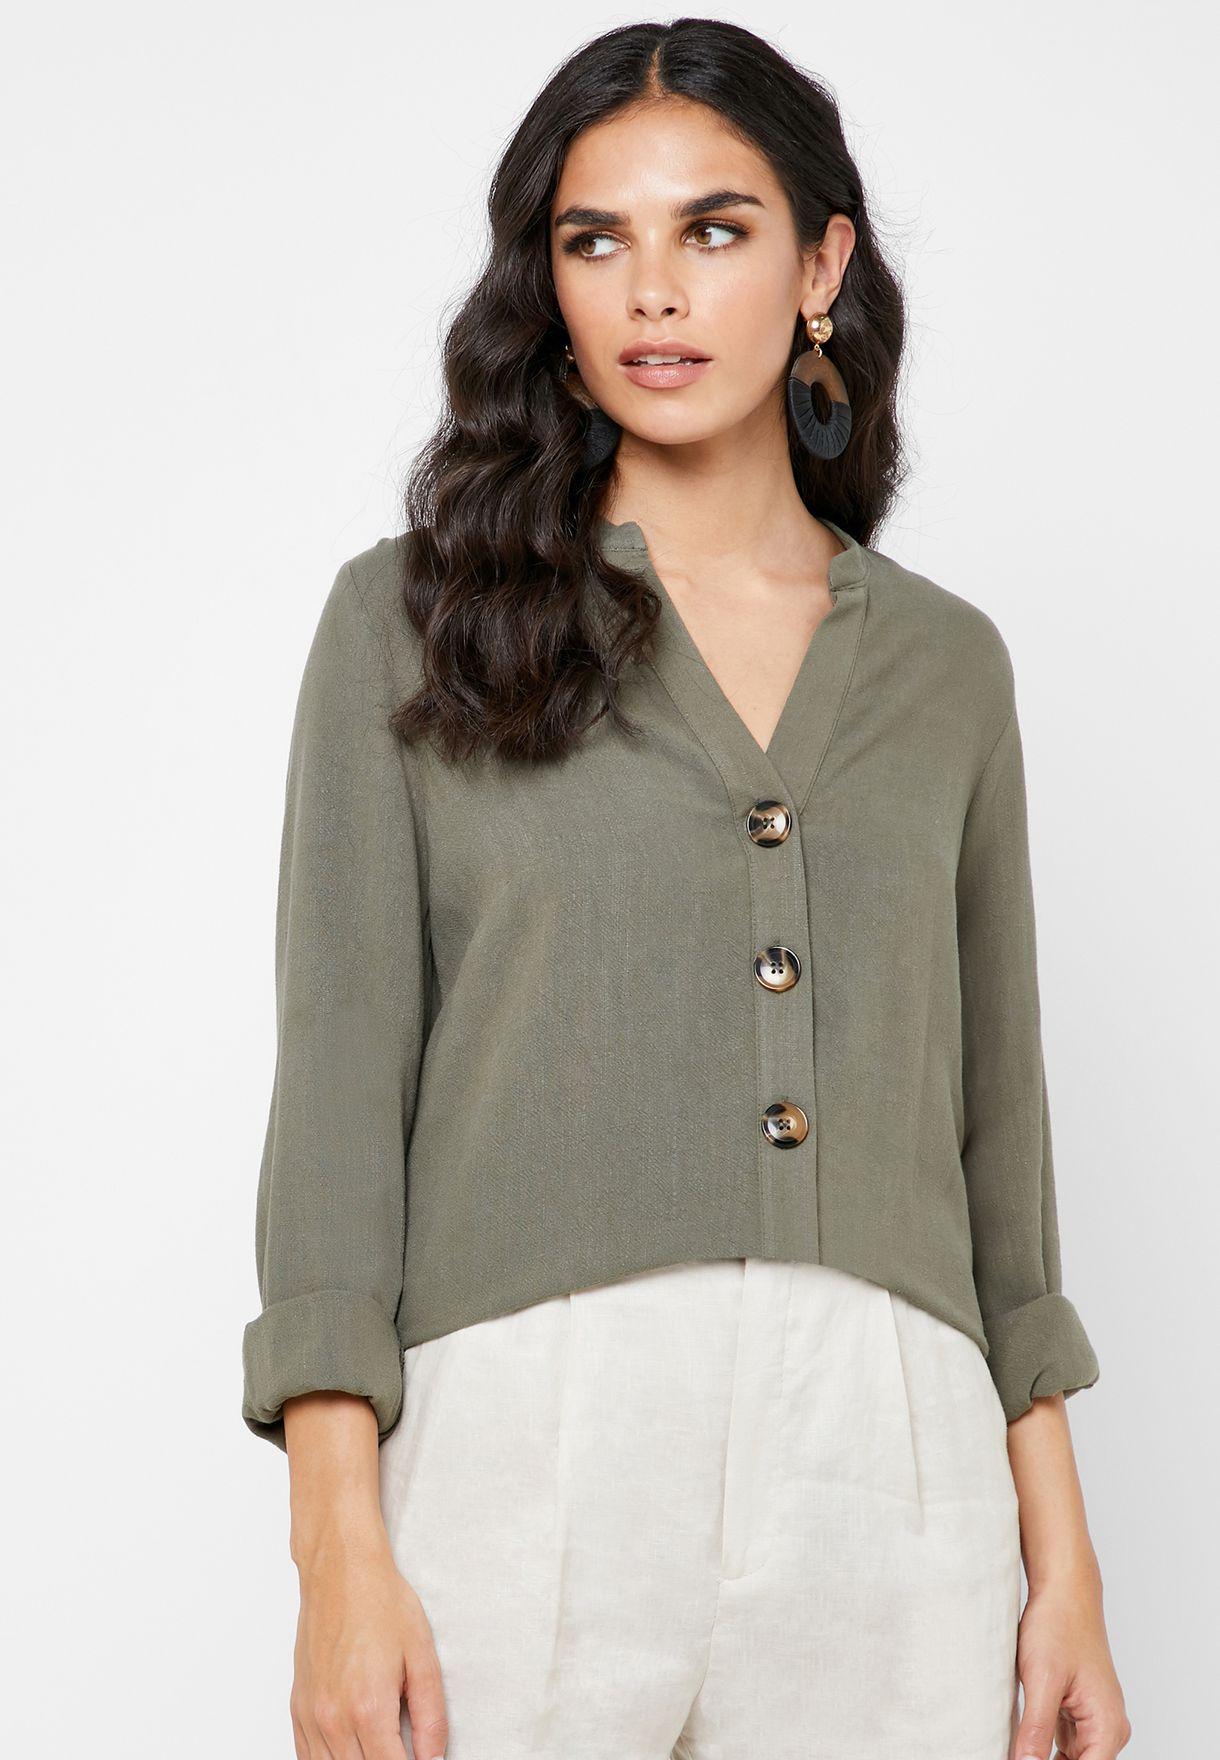 Button Detail High Low Shirt